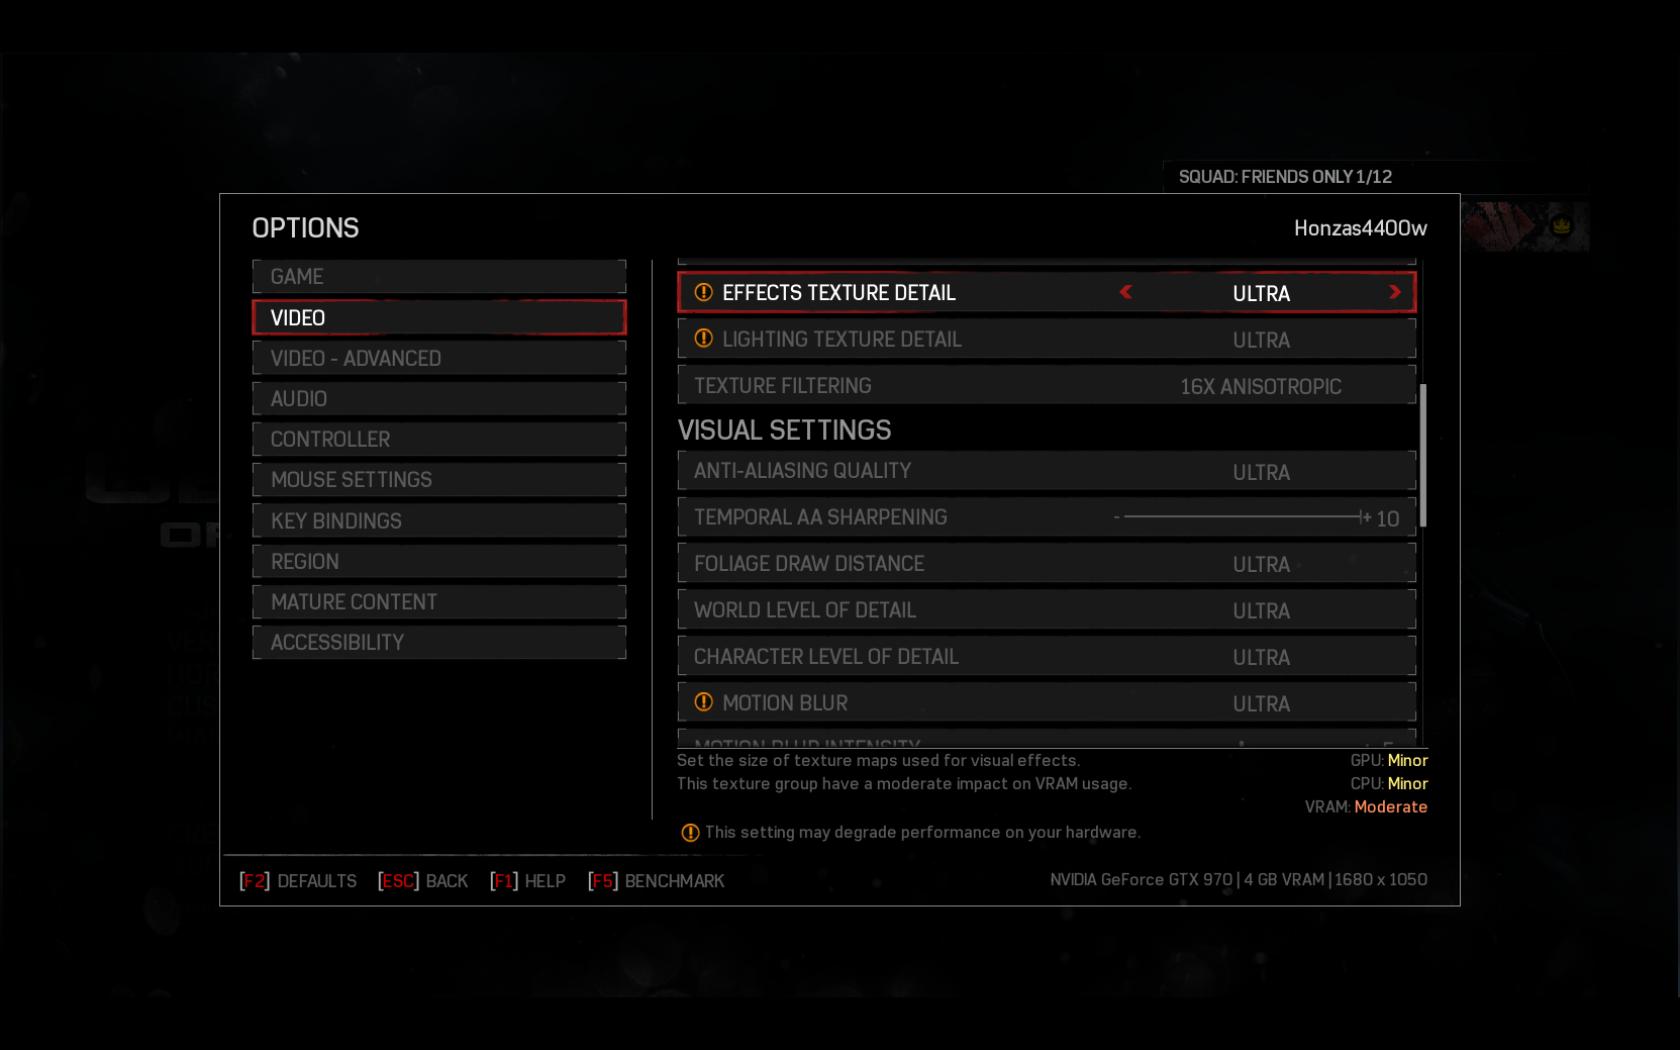 PC verze Gears of War 4 si zaslouží velkou pochvalu 131659